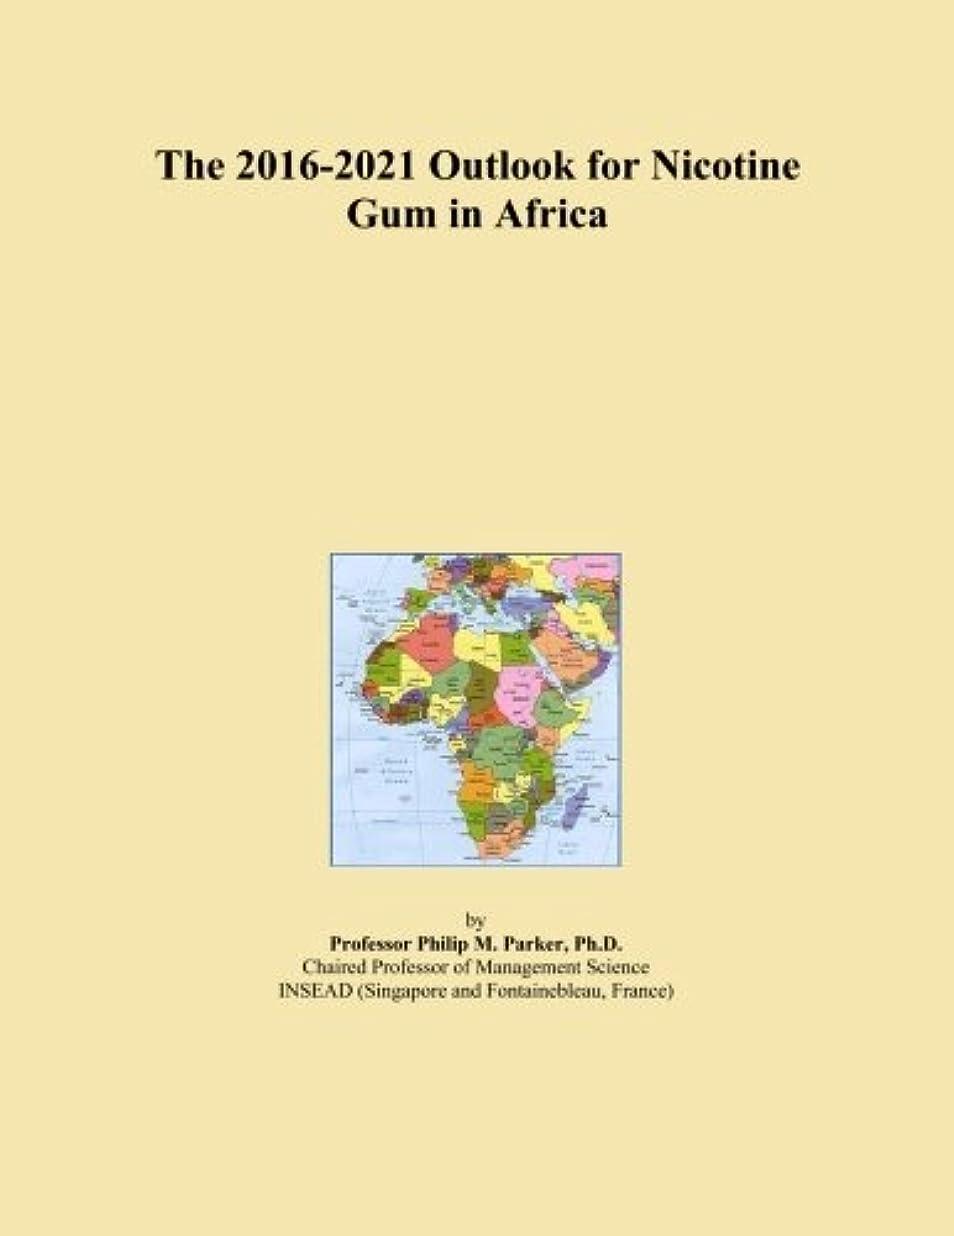 パプアニューギニア余剰キネマティクスThe 2016-2021 Outlook for Nicotine Gum in Africa